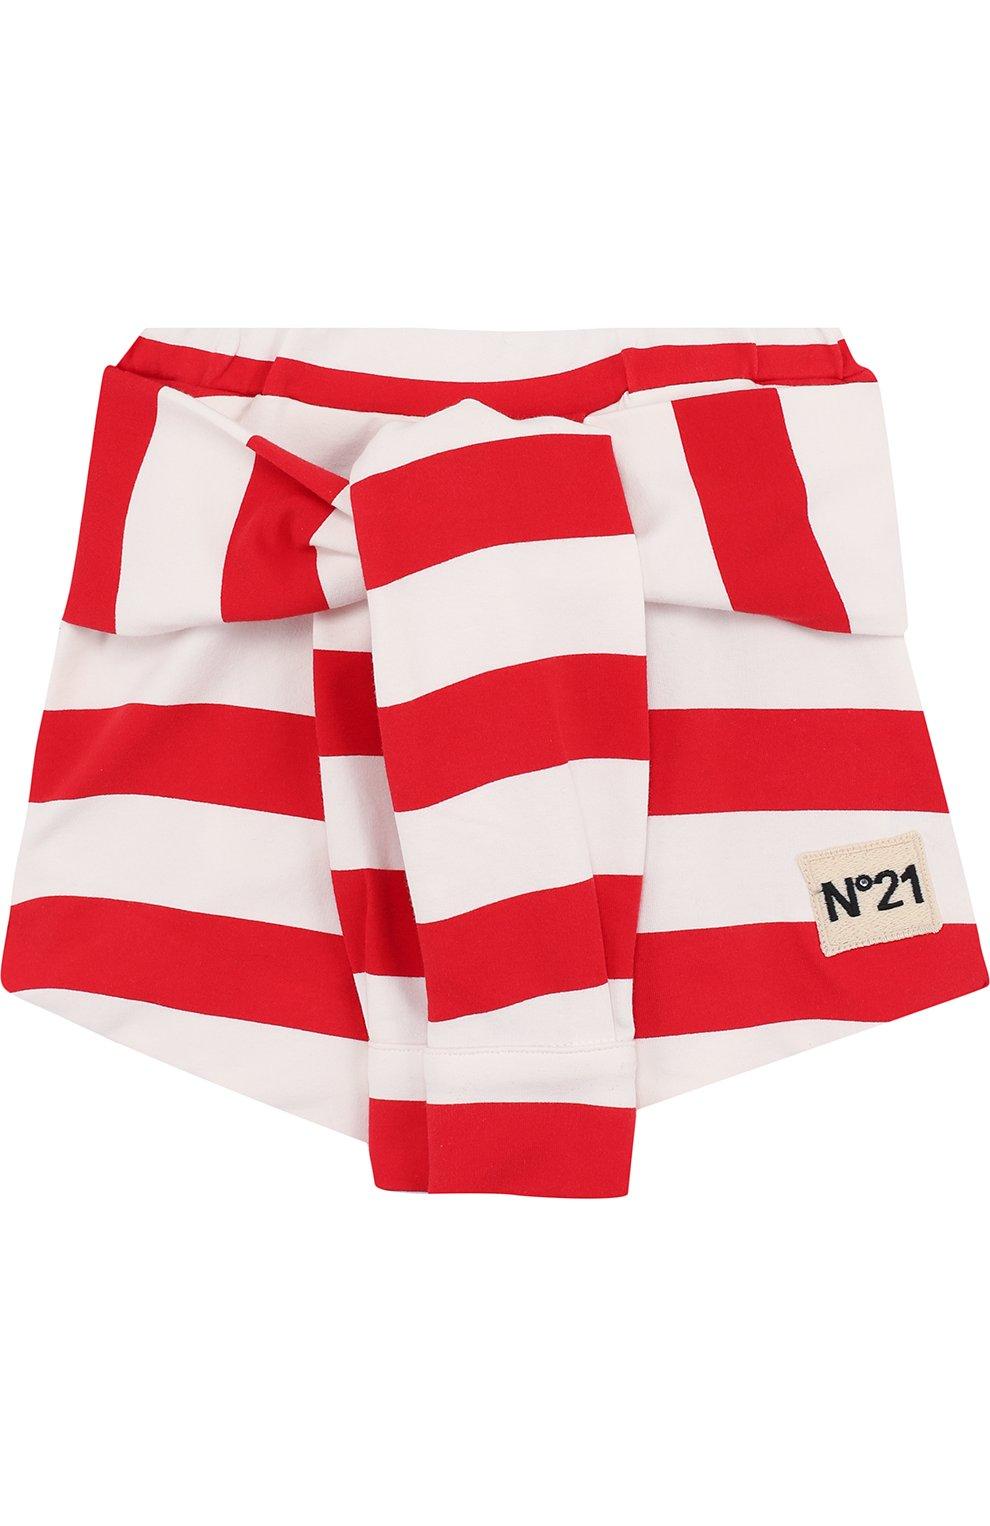 Детская хлопковая мини-юбка в полоску с декоративным поясом NO. 21 красного цвета, арт. 08 X/K302/3881/26-32   Фото 1